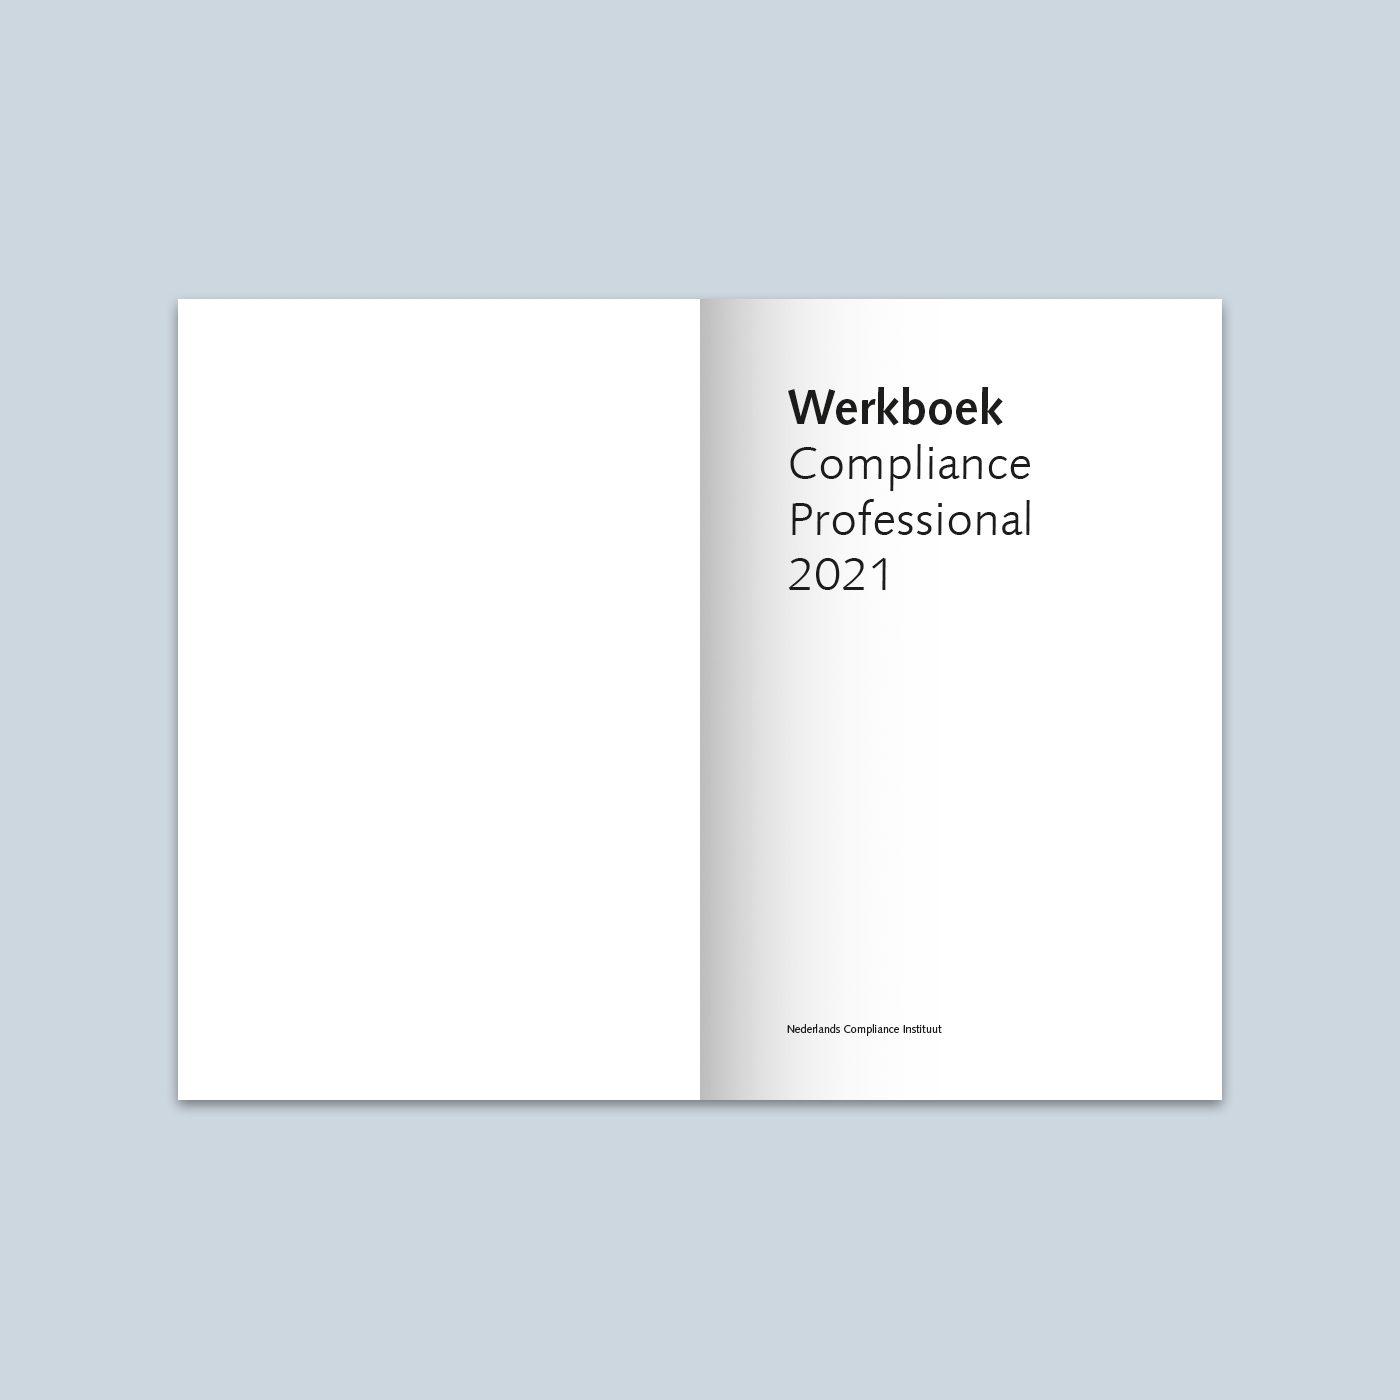 Werkboek Compliance Professional 2021 binnenwerk 1